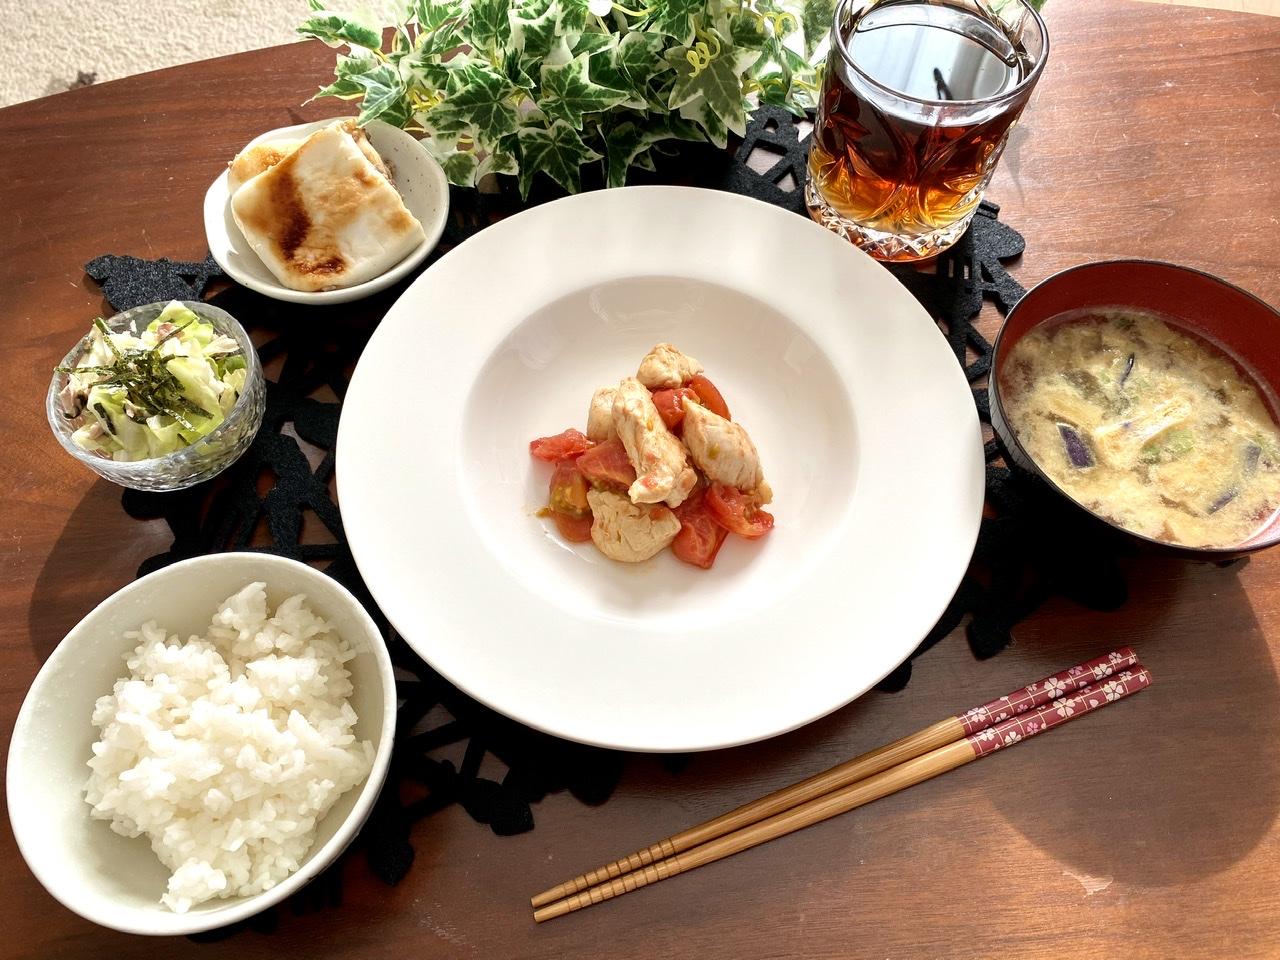 【今月のお家ごはん】アラサー女子の食卓!作り置きおかずでラク晩ご飯♡-Vol.12-_5